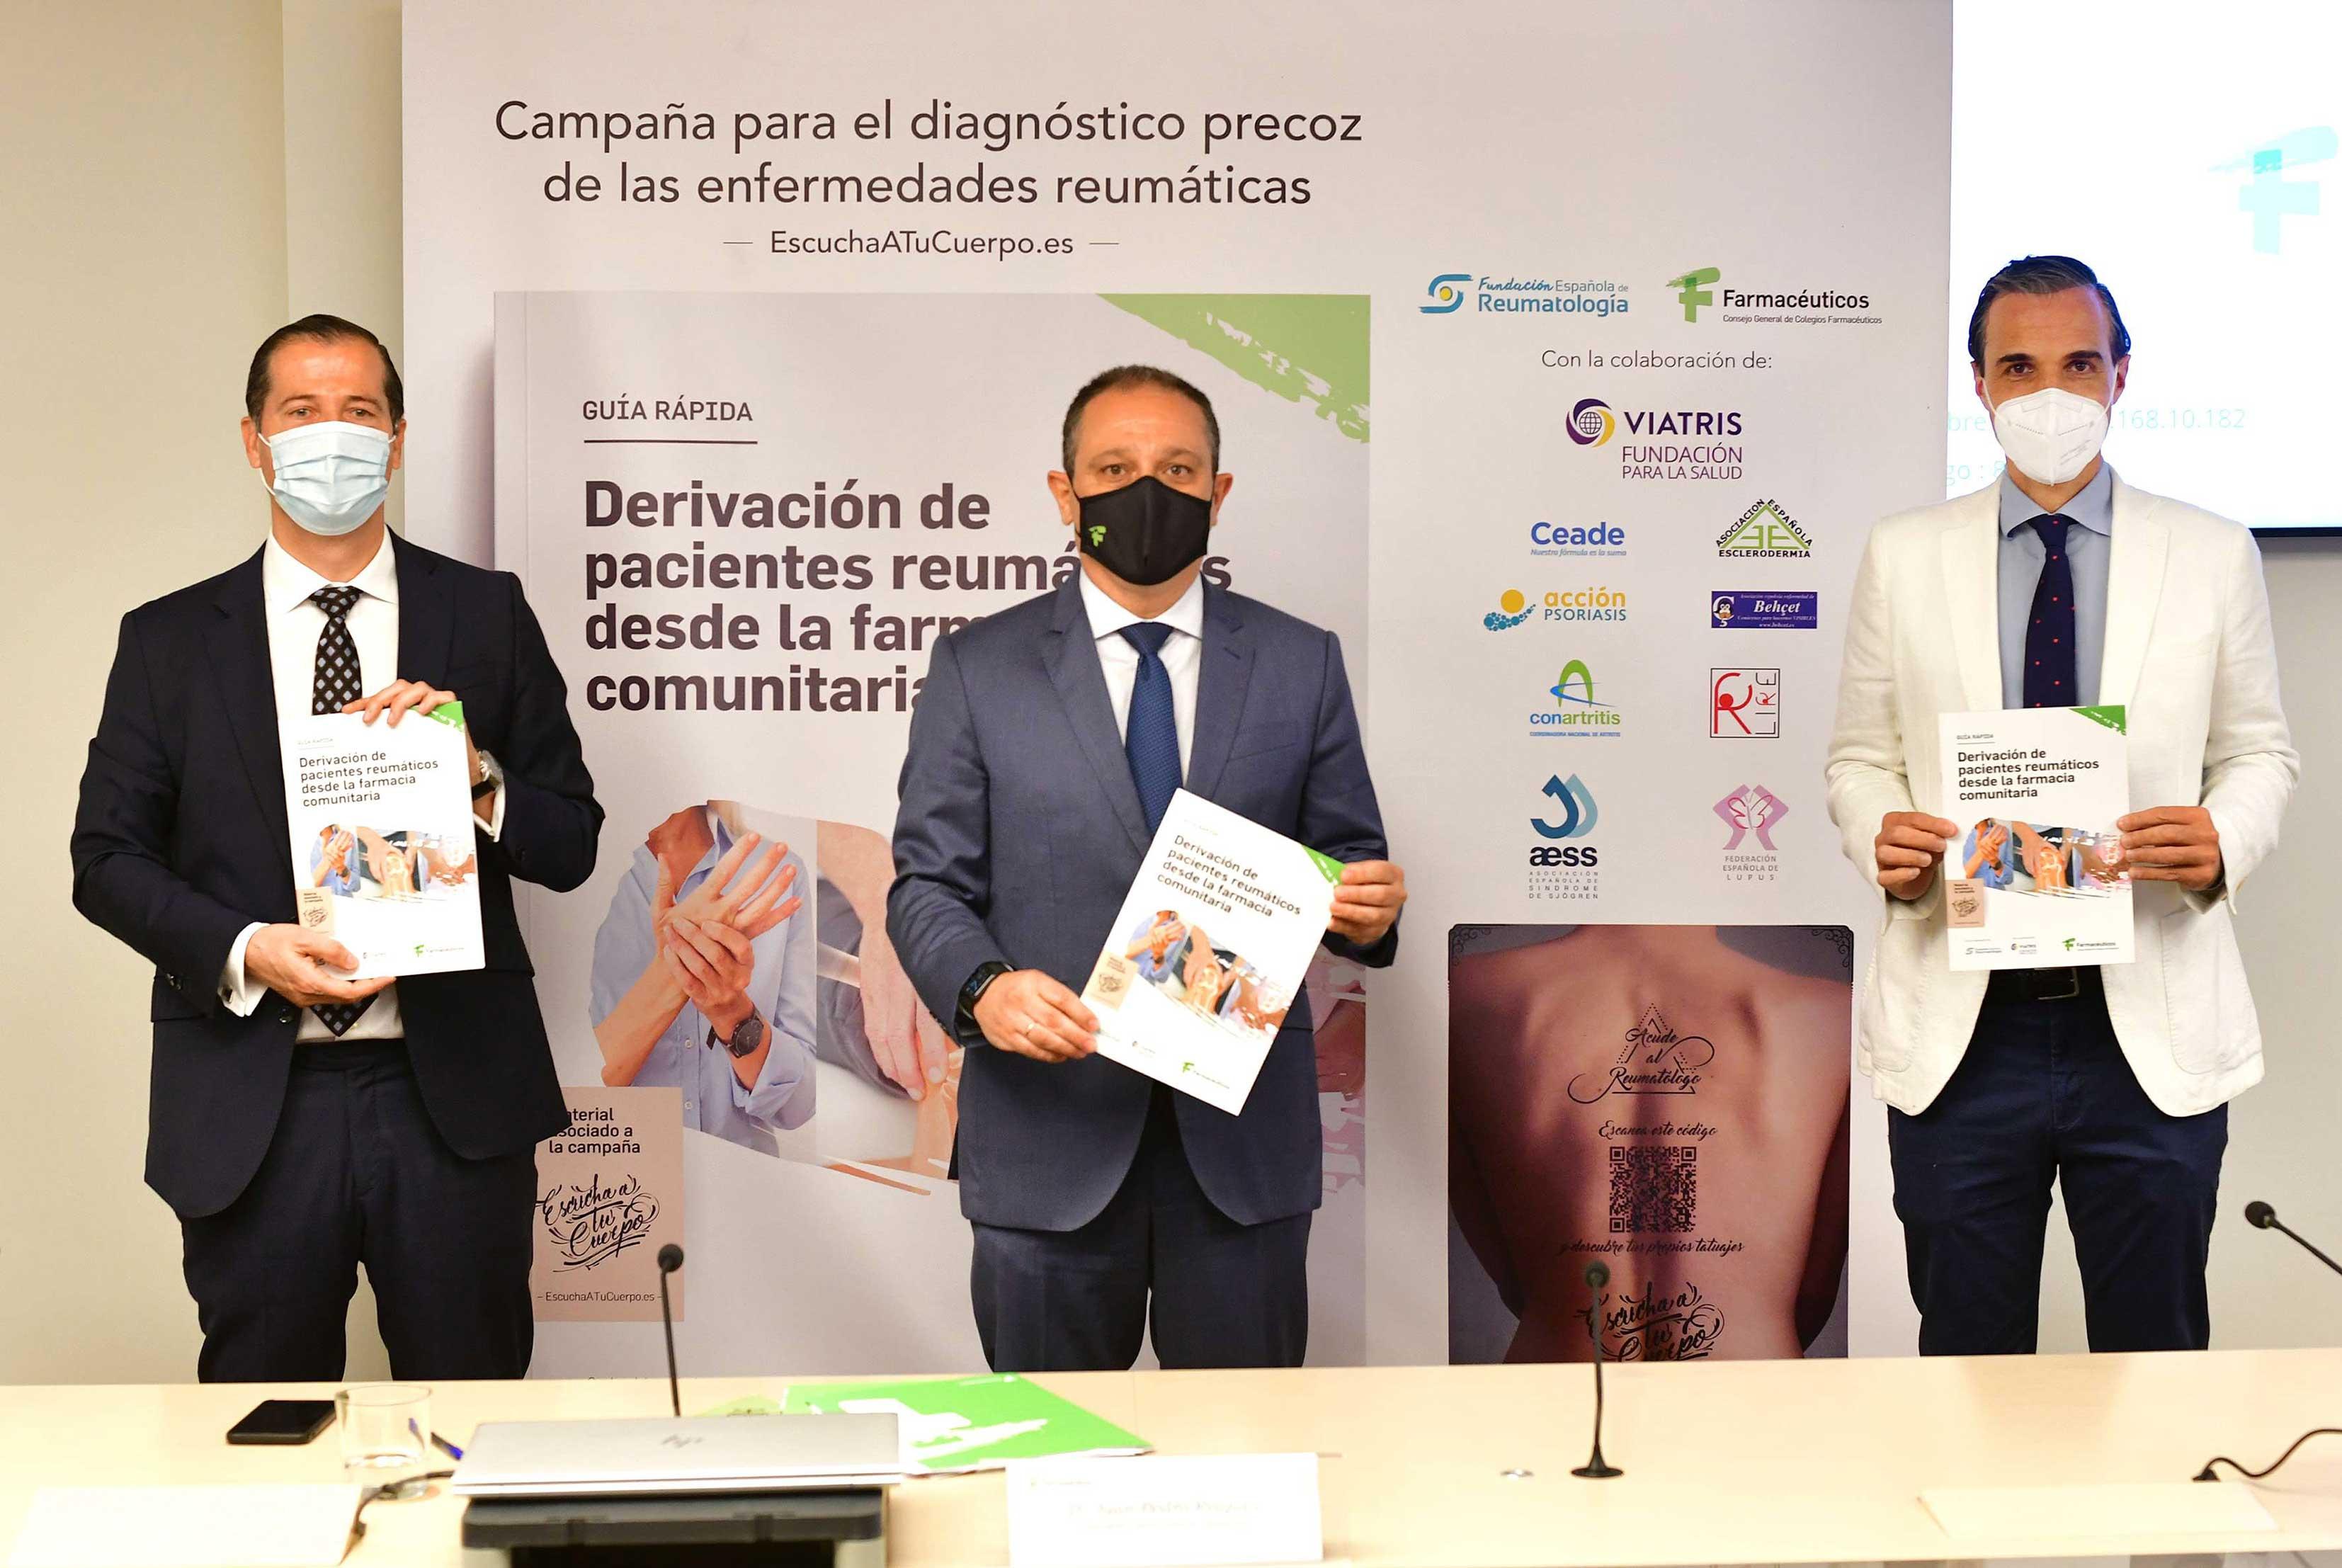 Farmacéuticos y reumatólogos se unen para mejorar el diagnóstico precoz de las enfermedades reumáticas y darles visibilidad entre la población